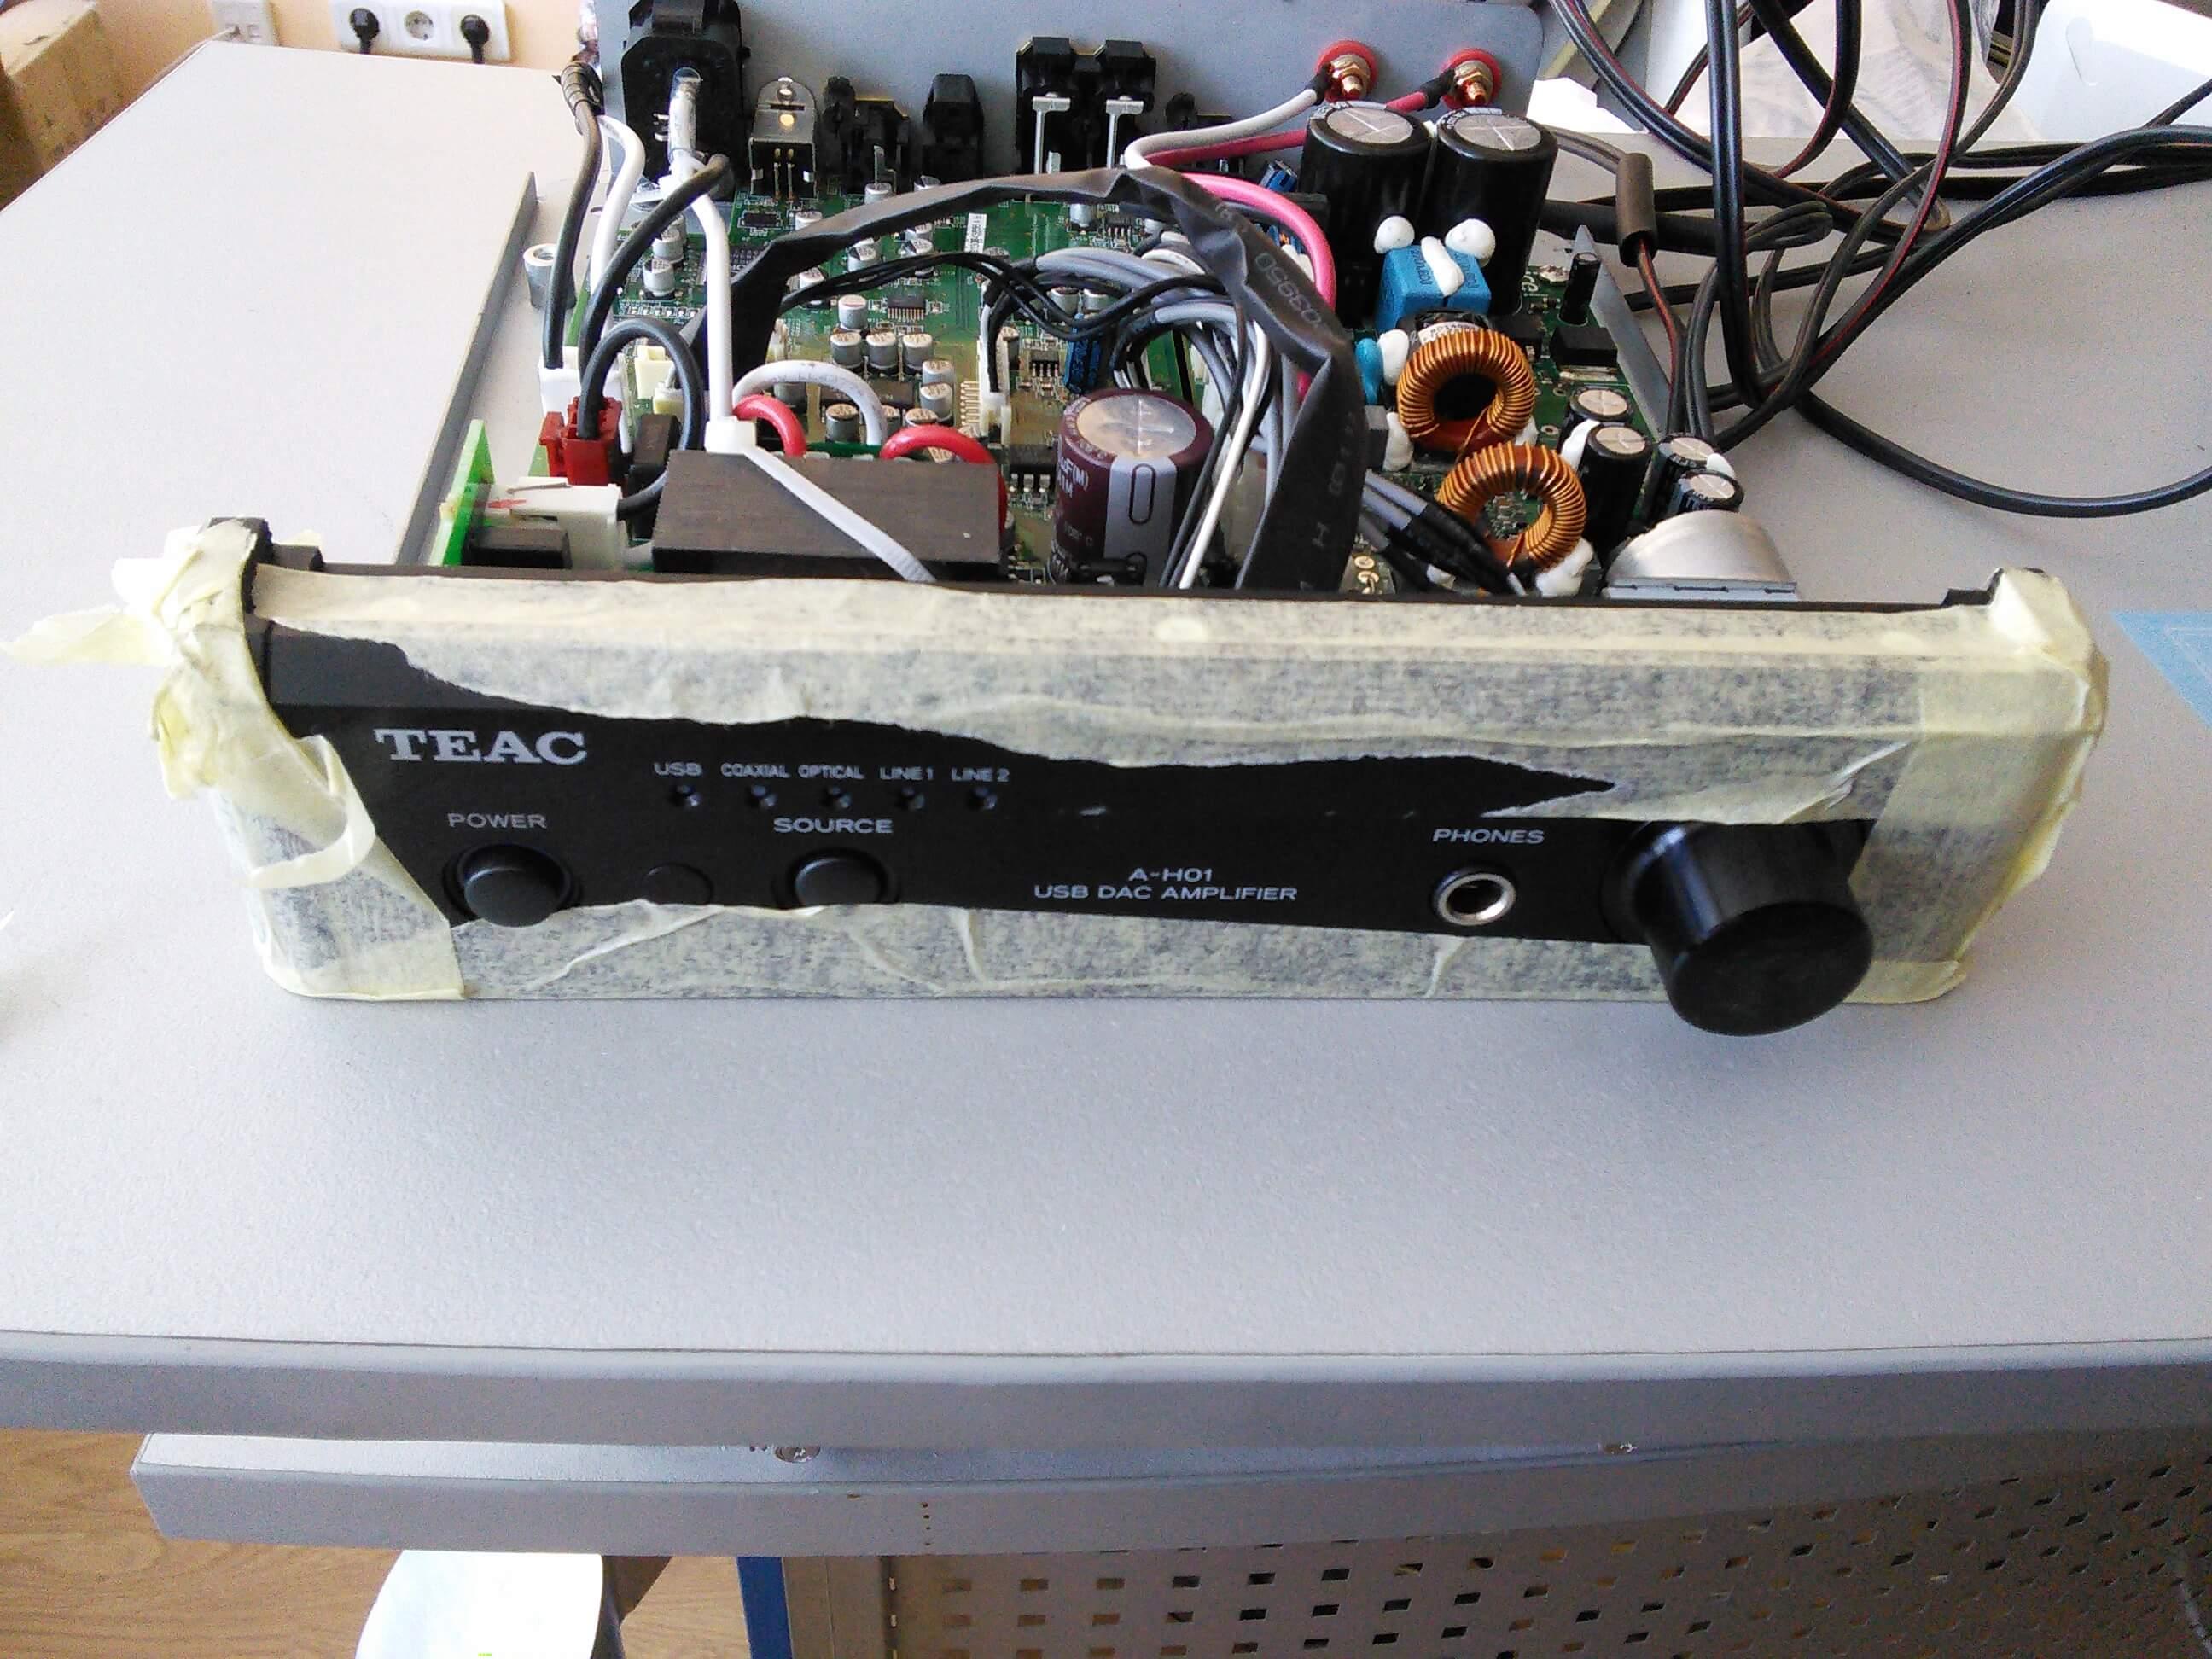 teac a-h01.jpg